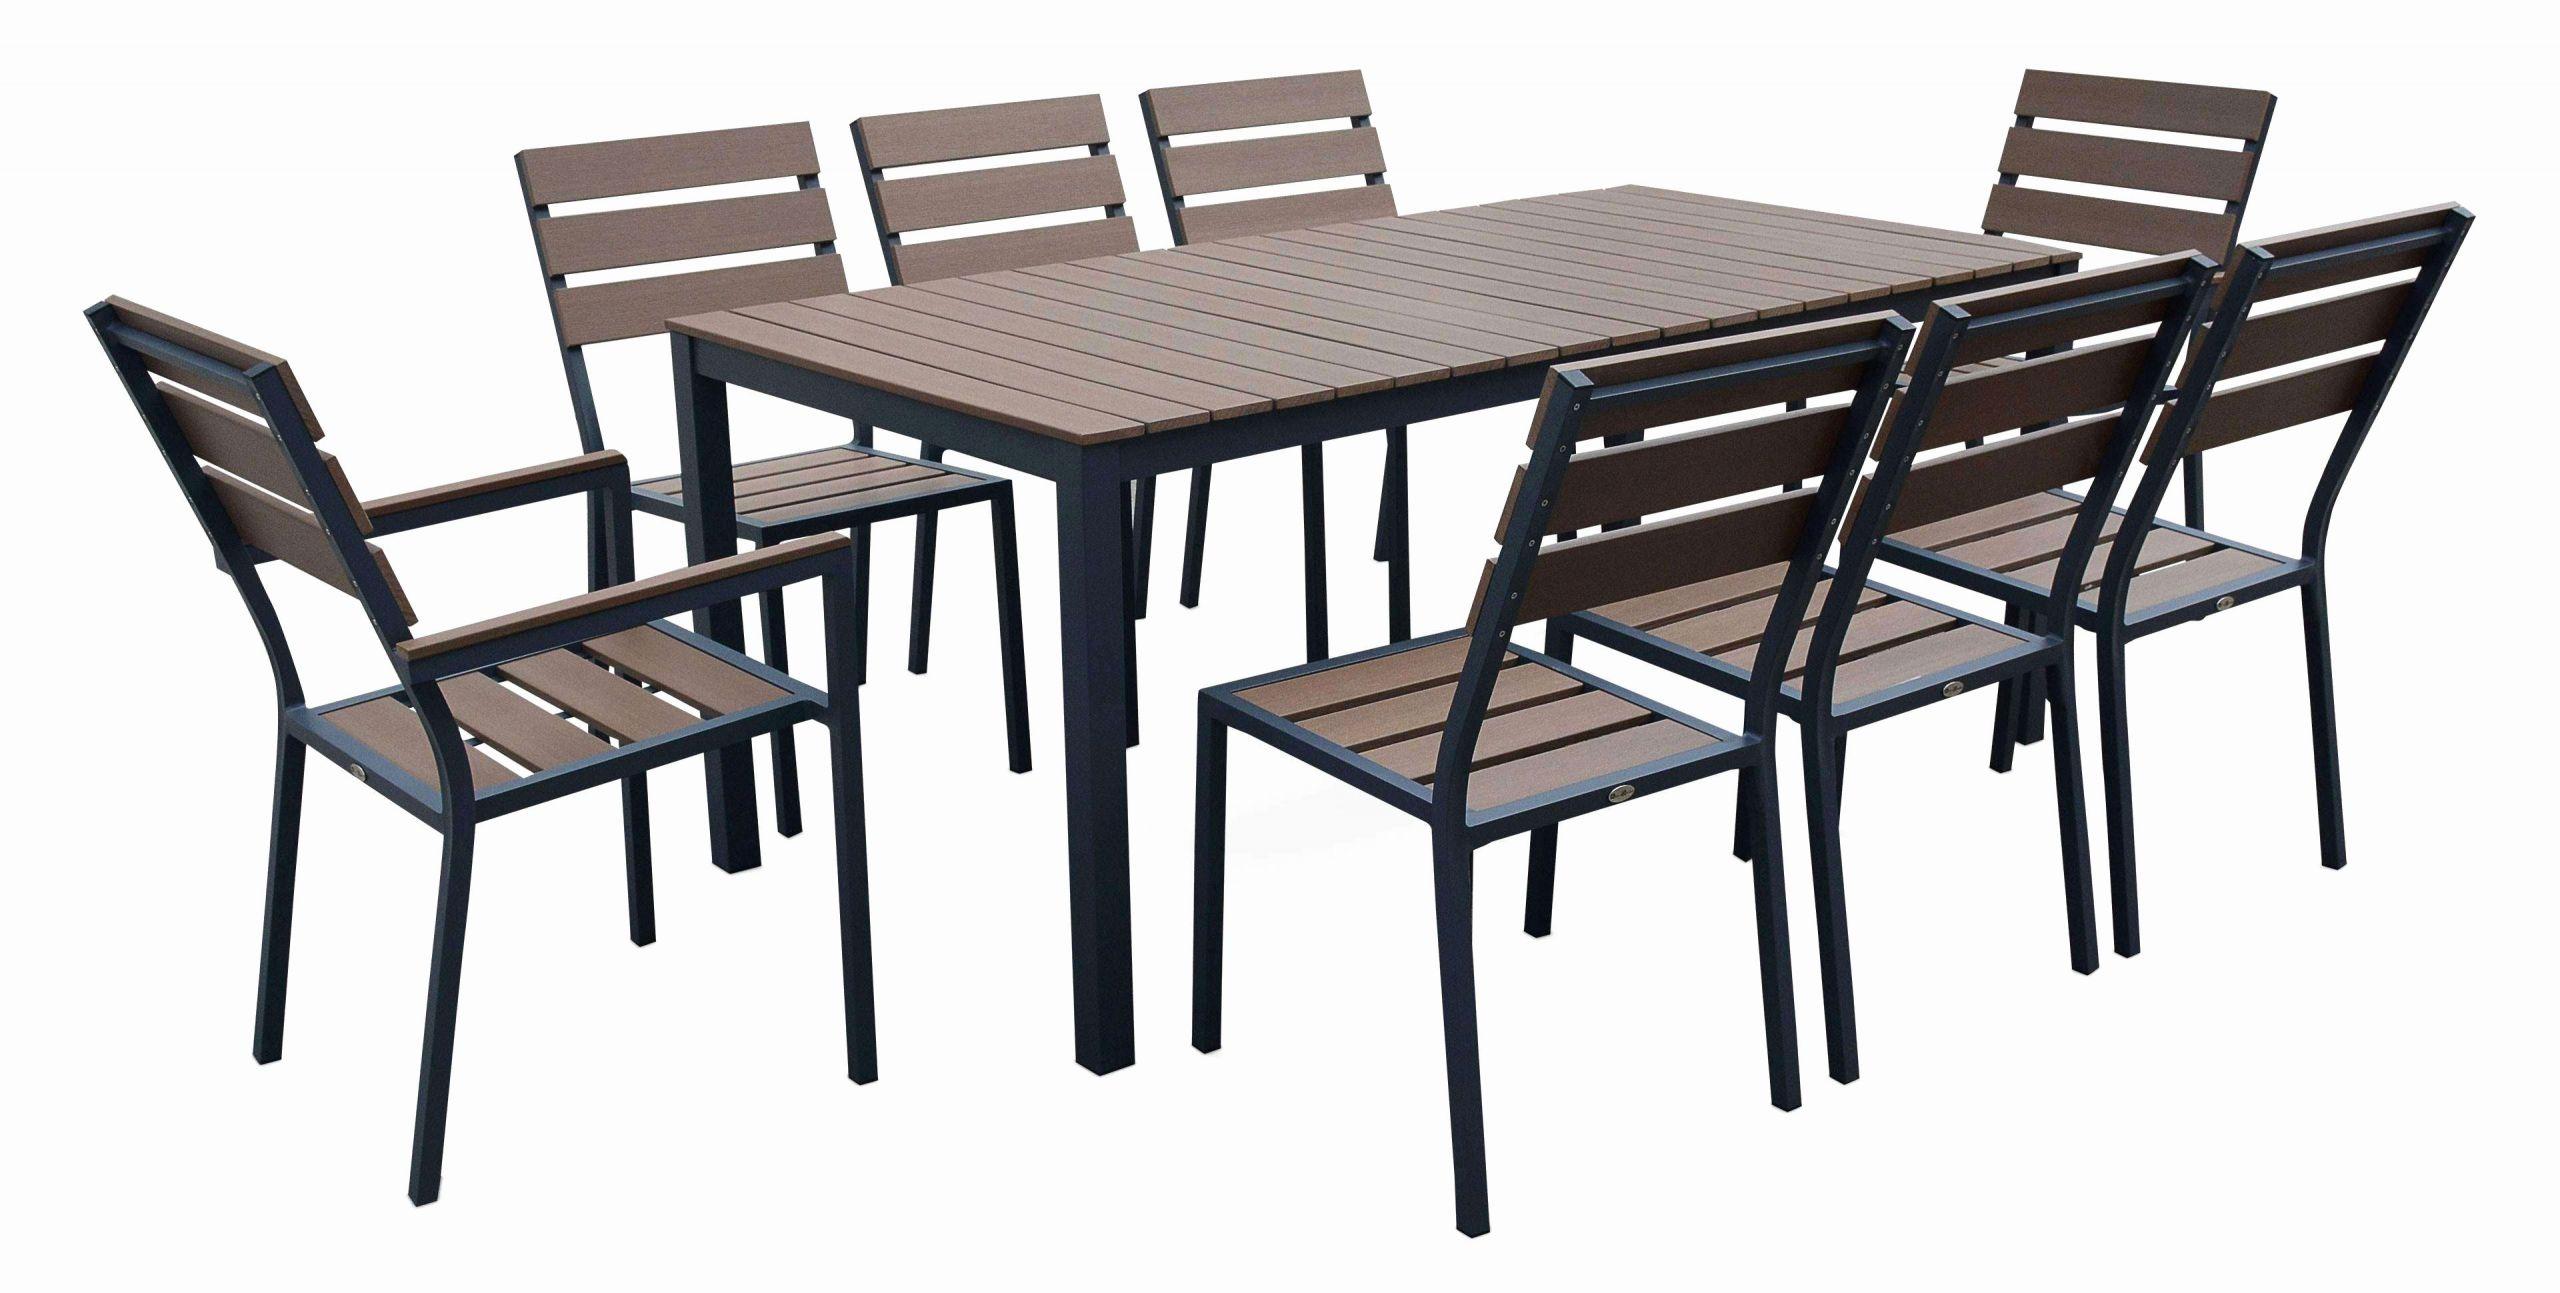 table et chaise de jardin cdiscount luxe 47 genial meuble de jardin pas cher of table et chaise de jardin cdiscount